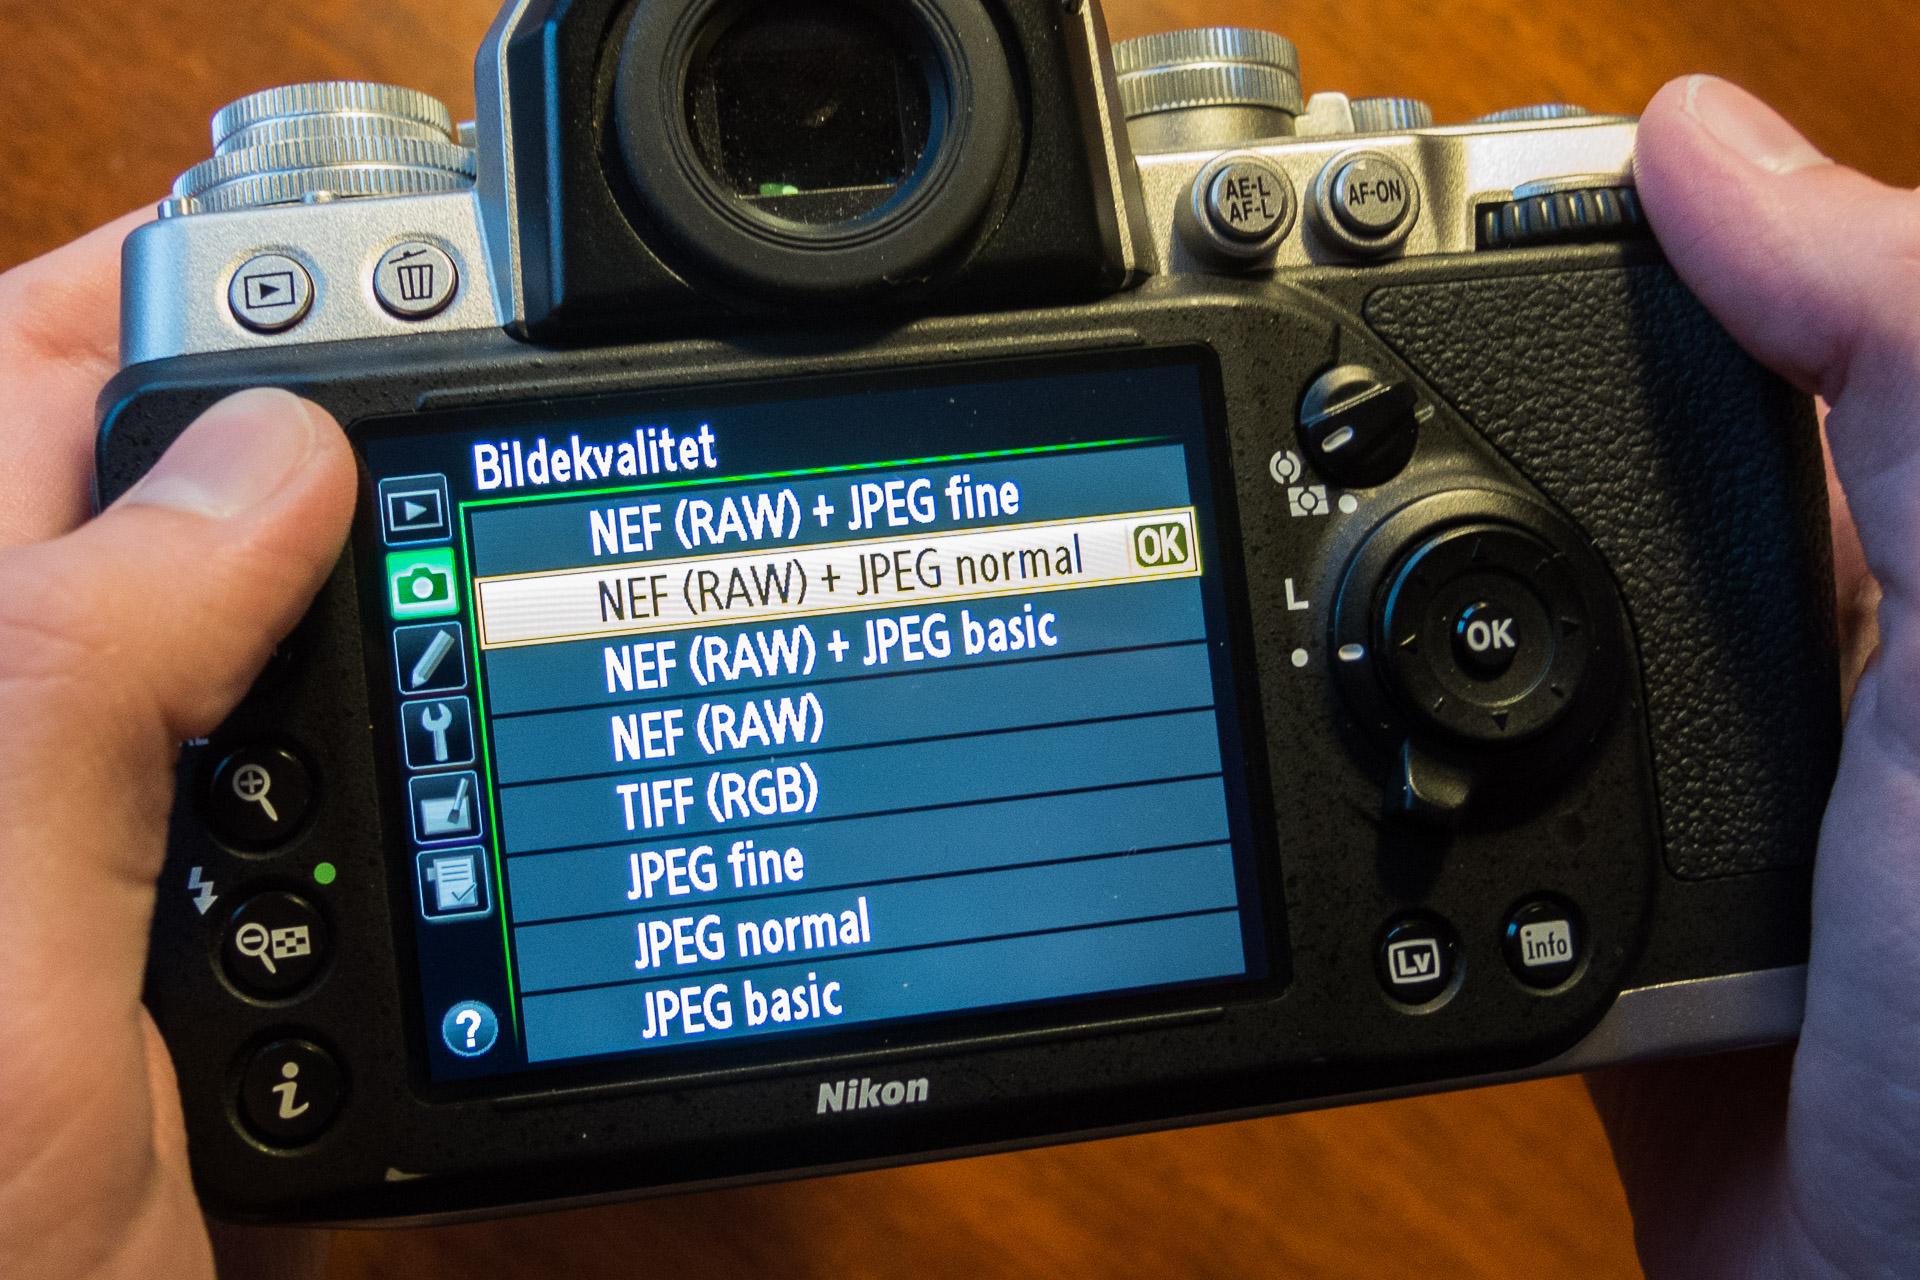 Valg av filformat — RAW, JPEG eller begge deler?